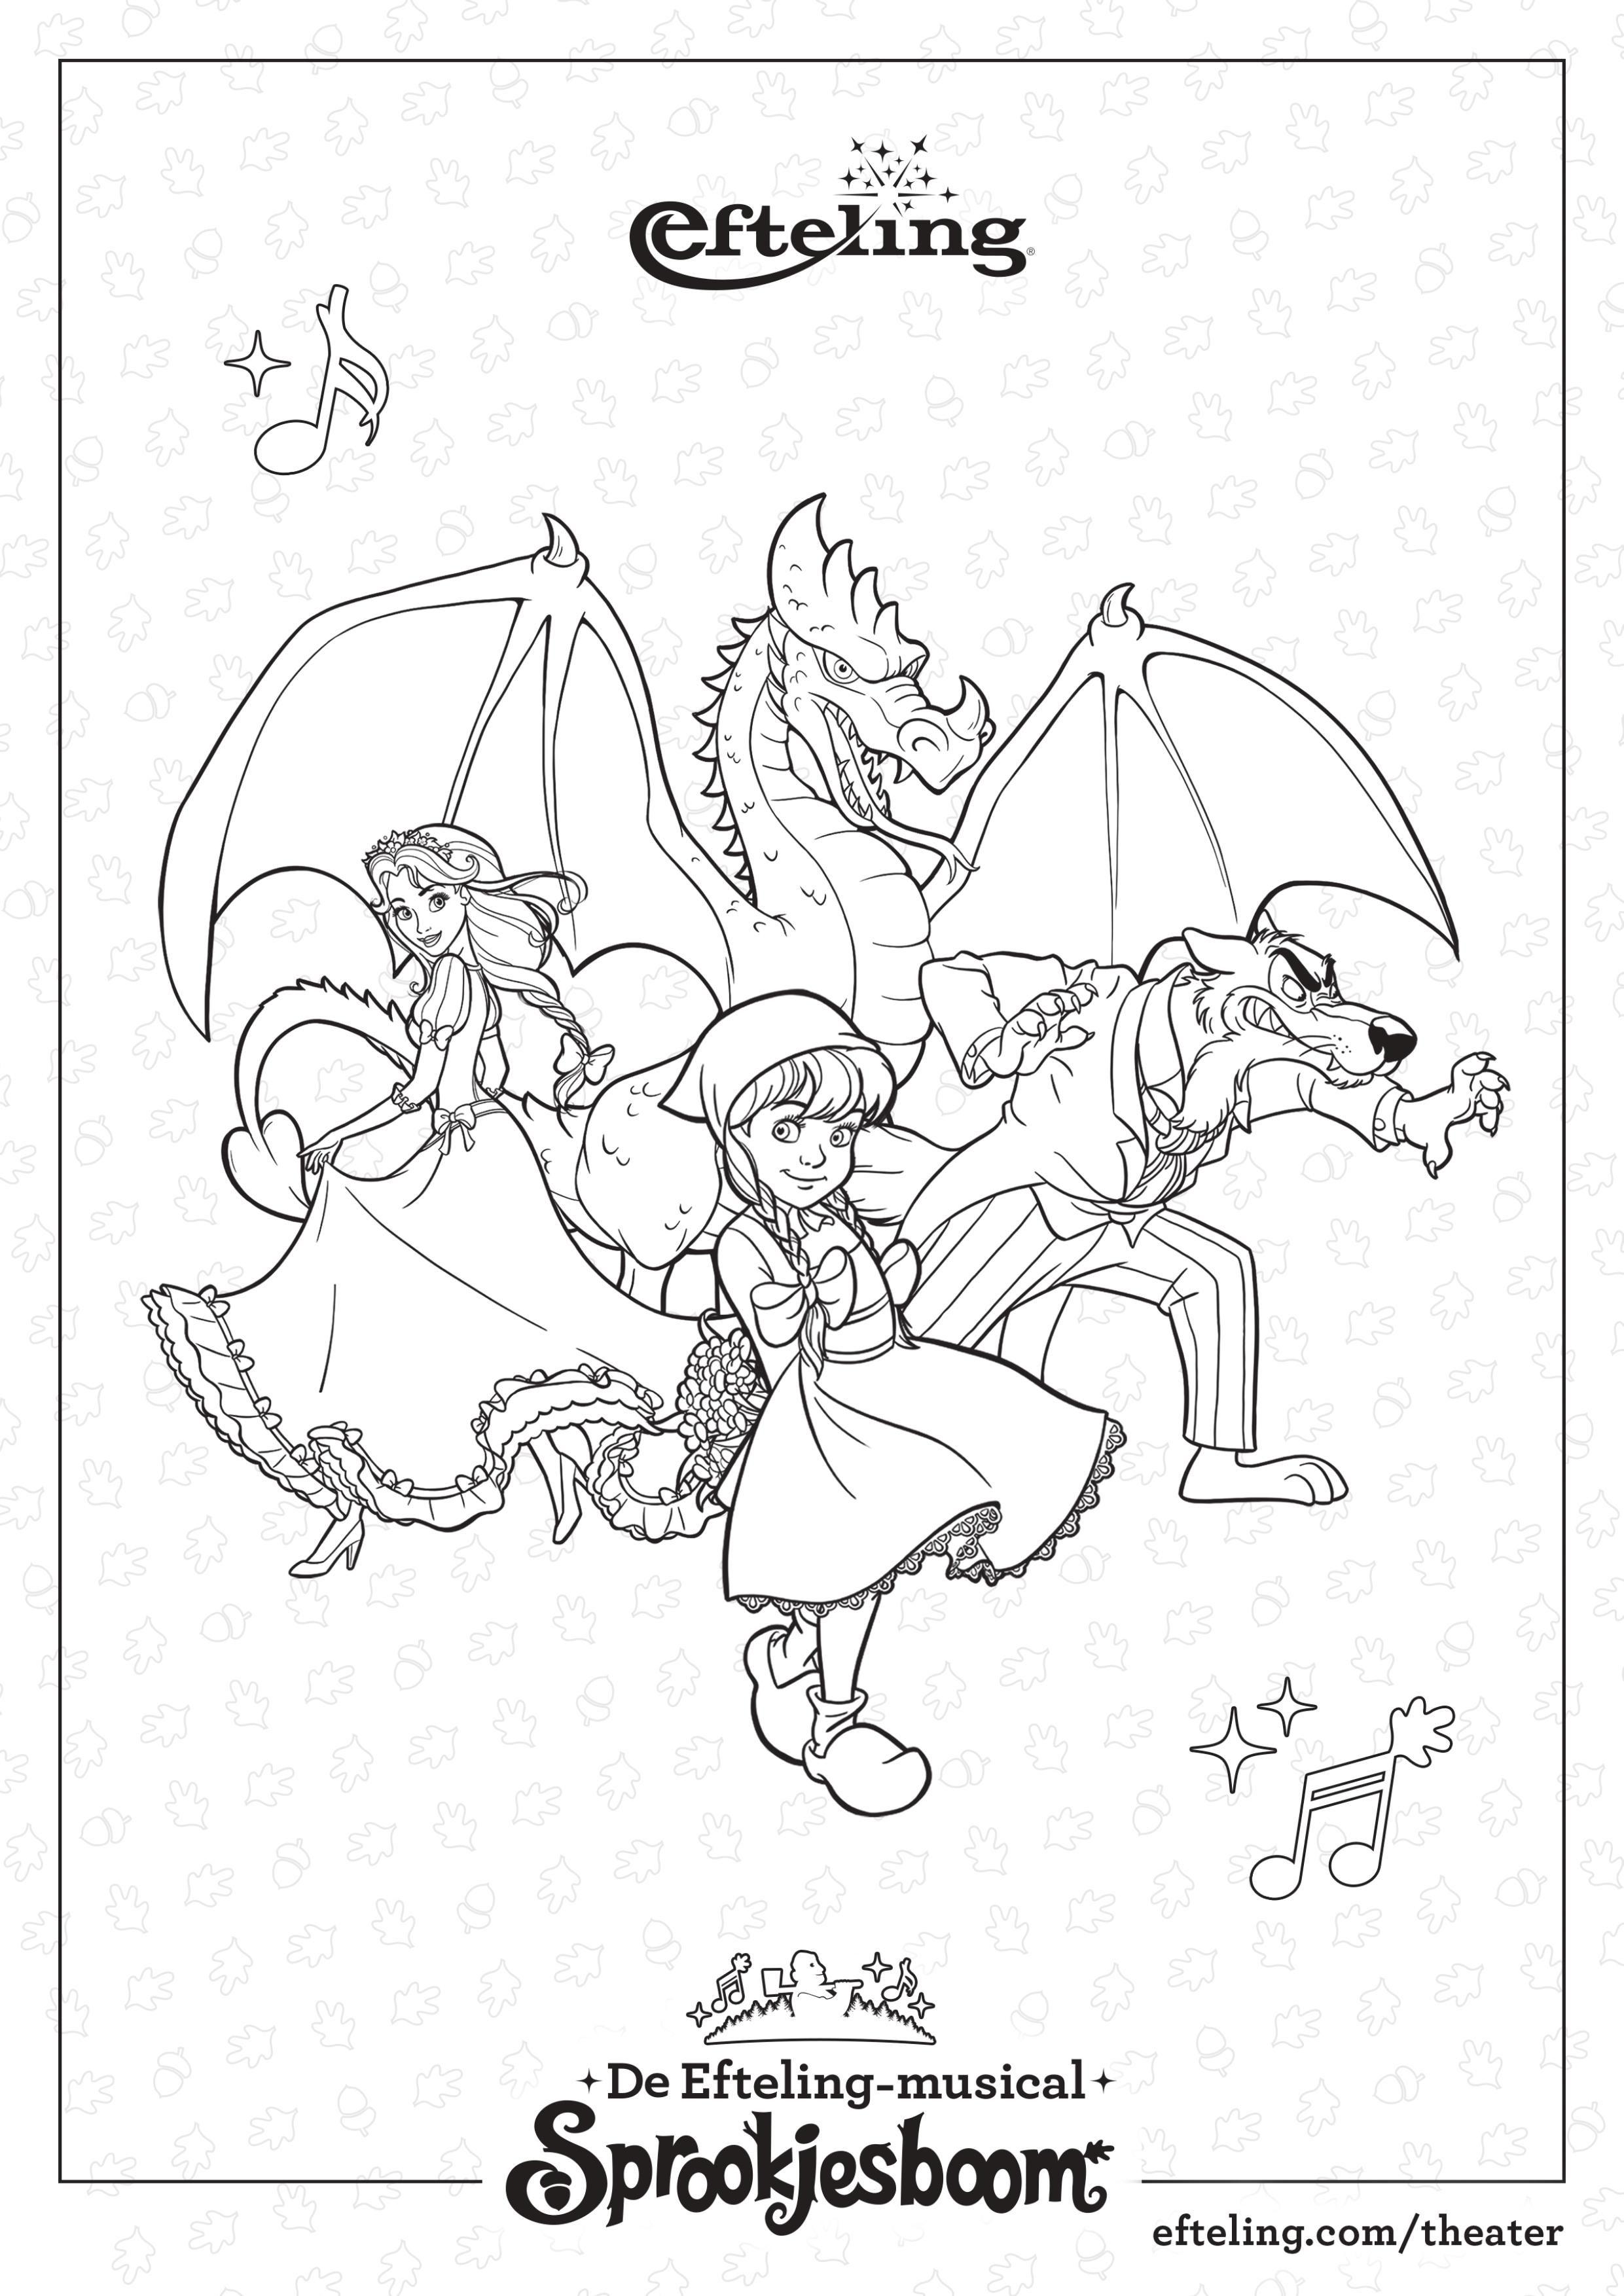 Efteling Kleurplaat Sprookjesboom De Musical Sprookjesboom Kleurplaten Kleuren